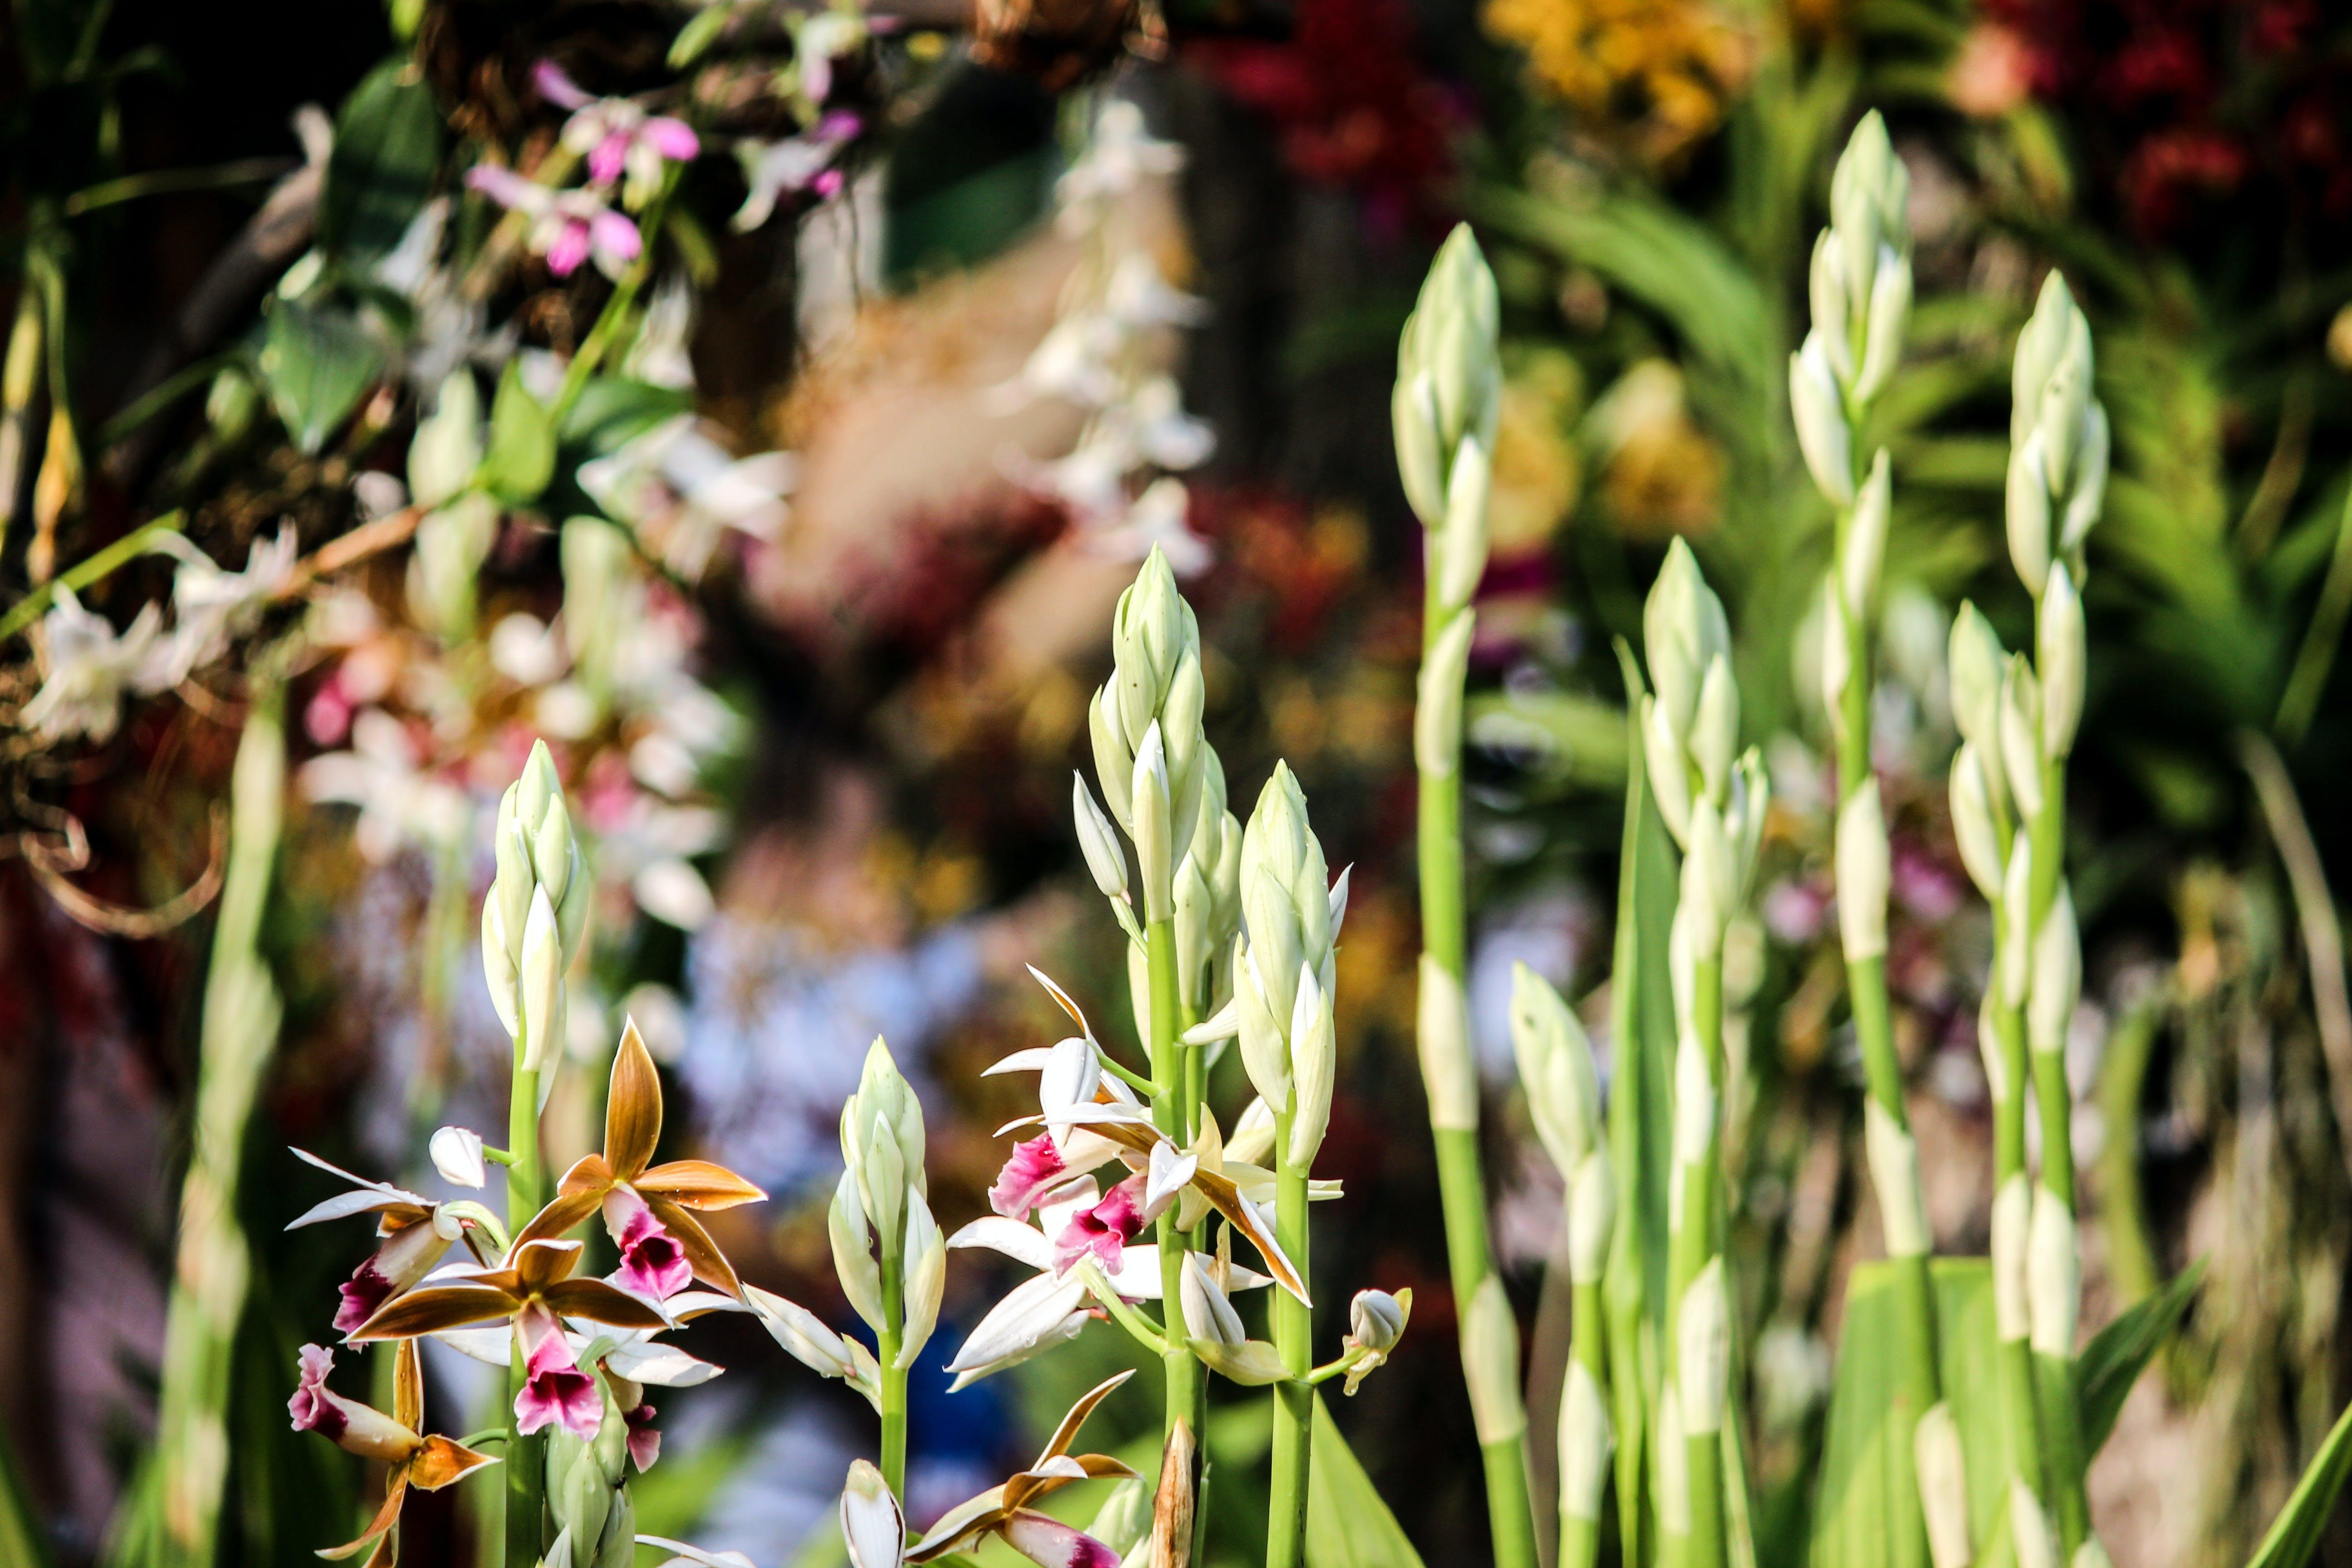 Kostenloses Stock Foto zu blumen, blüte, blütenblätter, botanisch